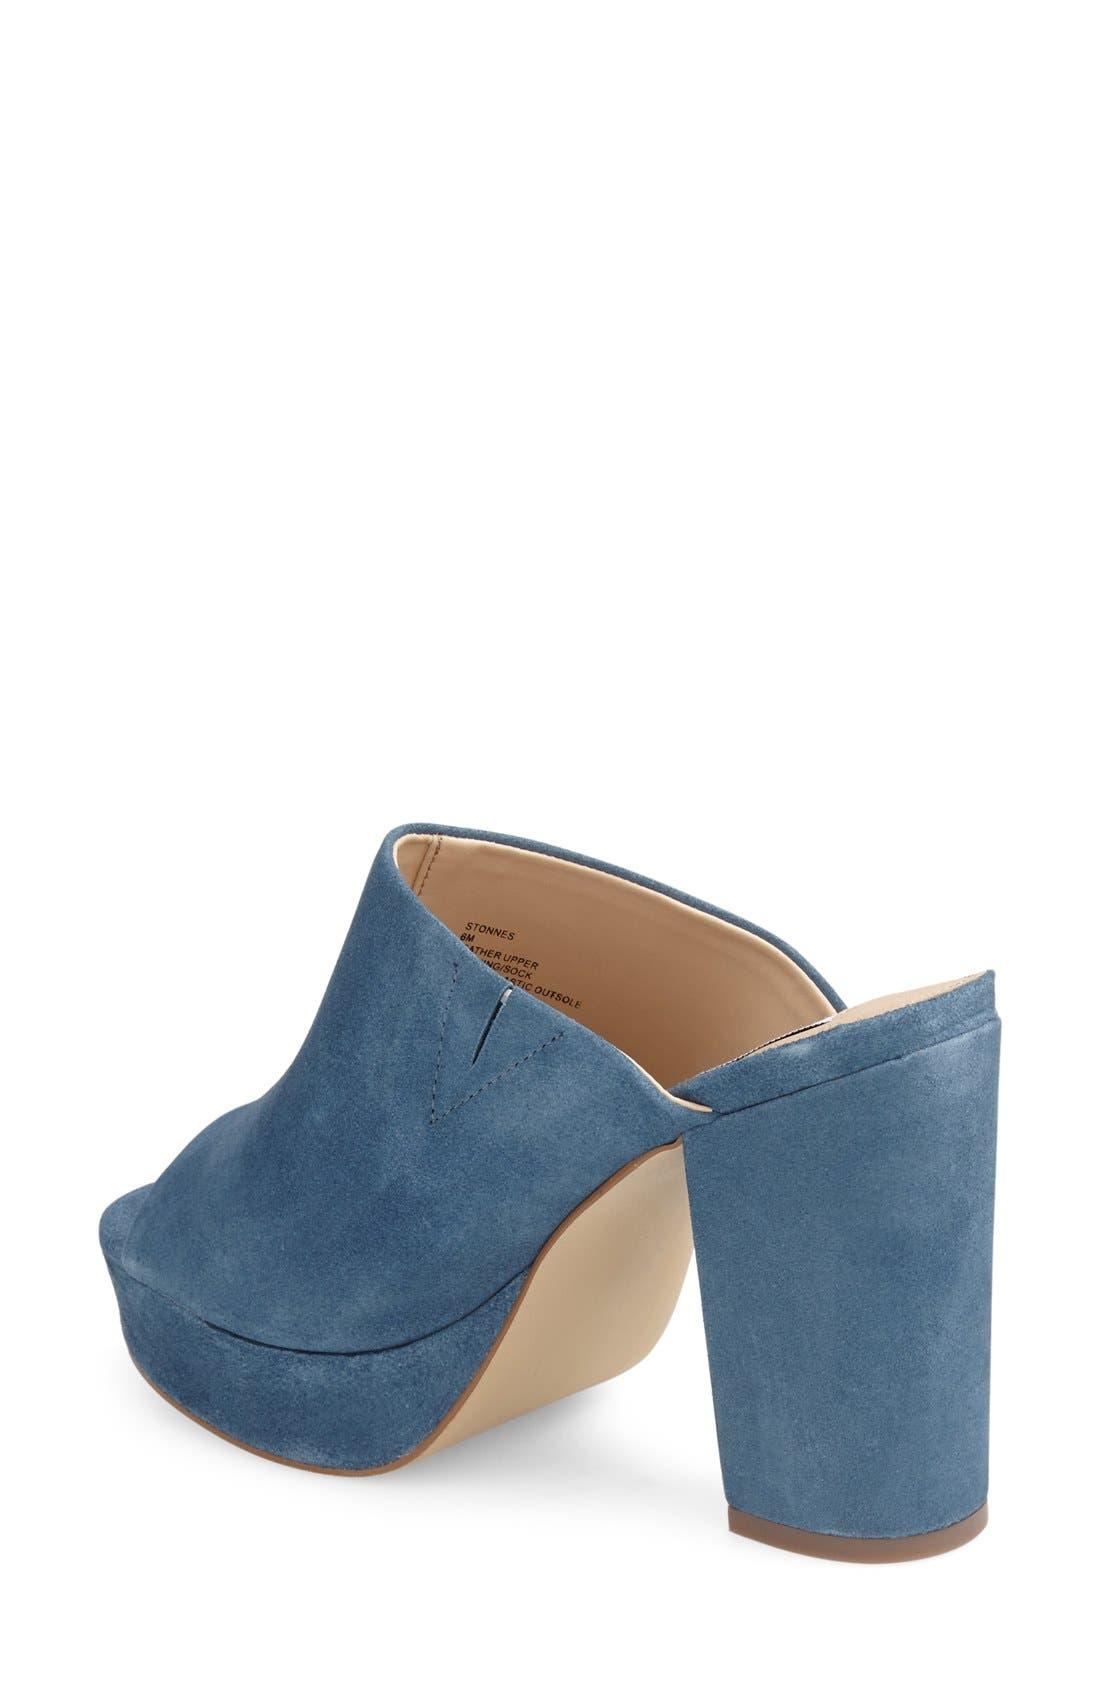 Alternate Image 2  - Steve Madden 'Stonnes' Platform Sandal (Women)